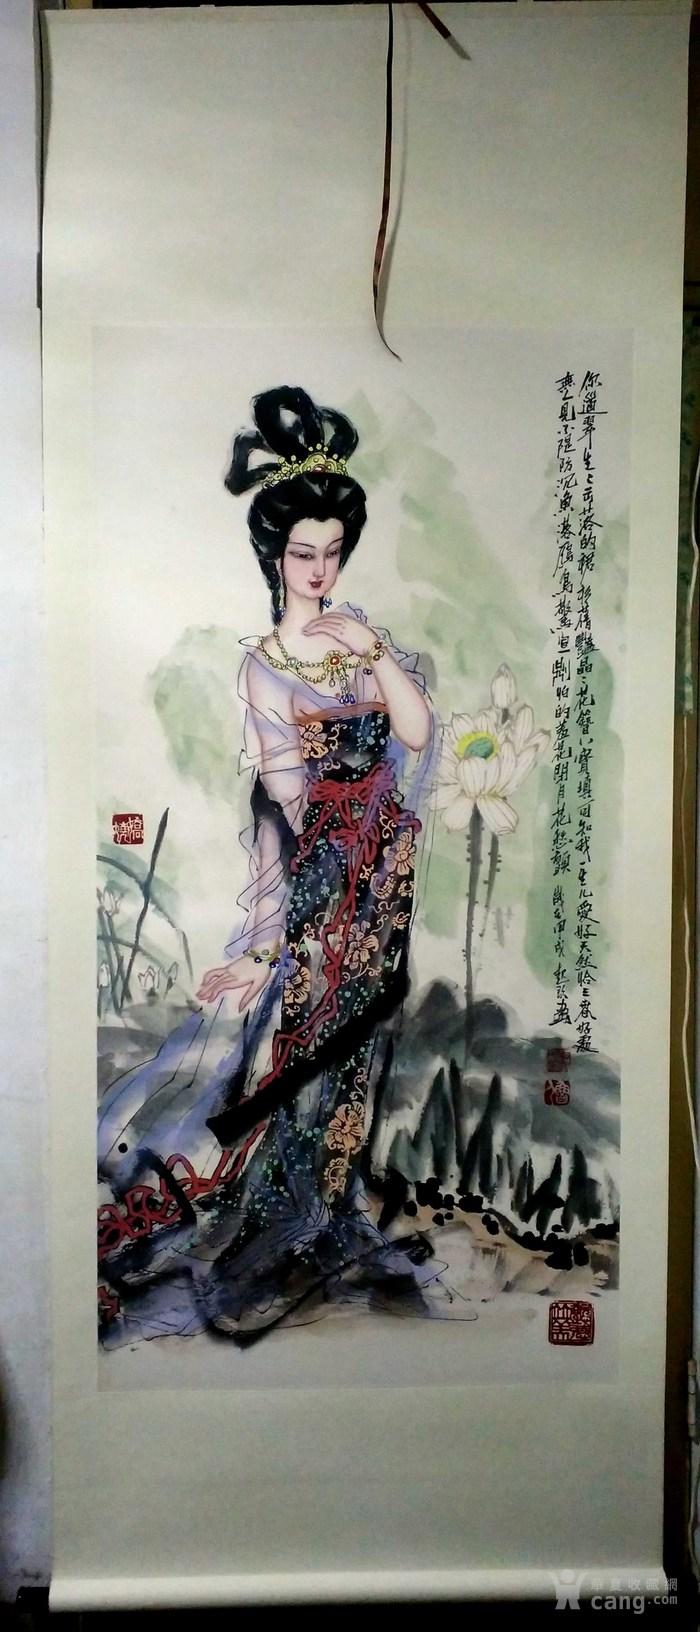 《古典美女图》济南画院人物创作室主任相起久原创画作